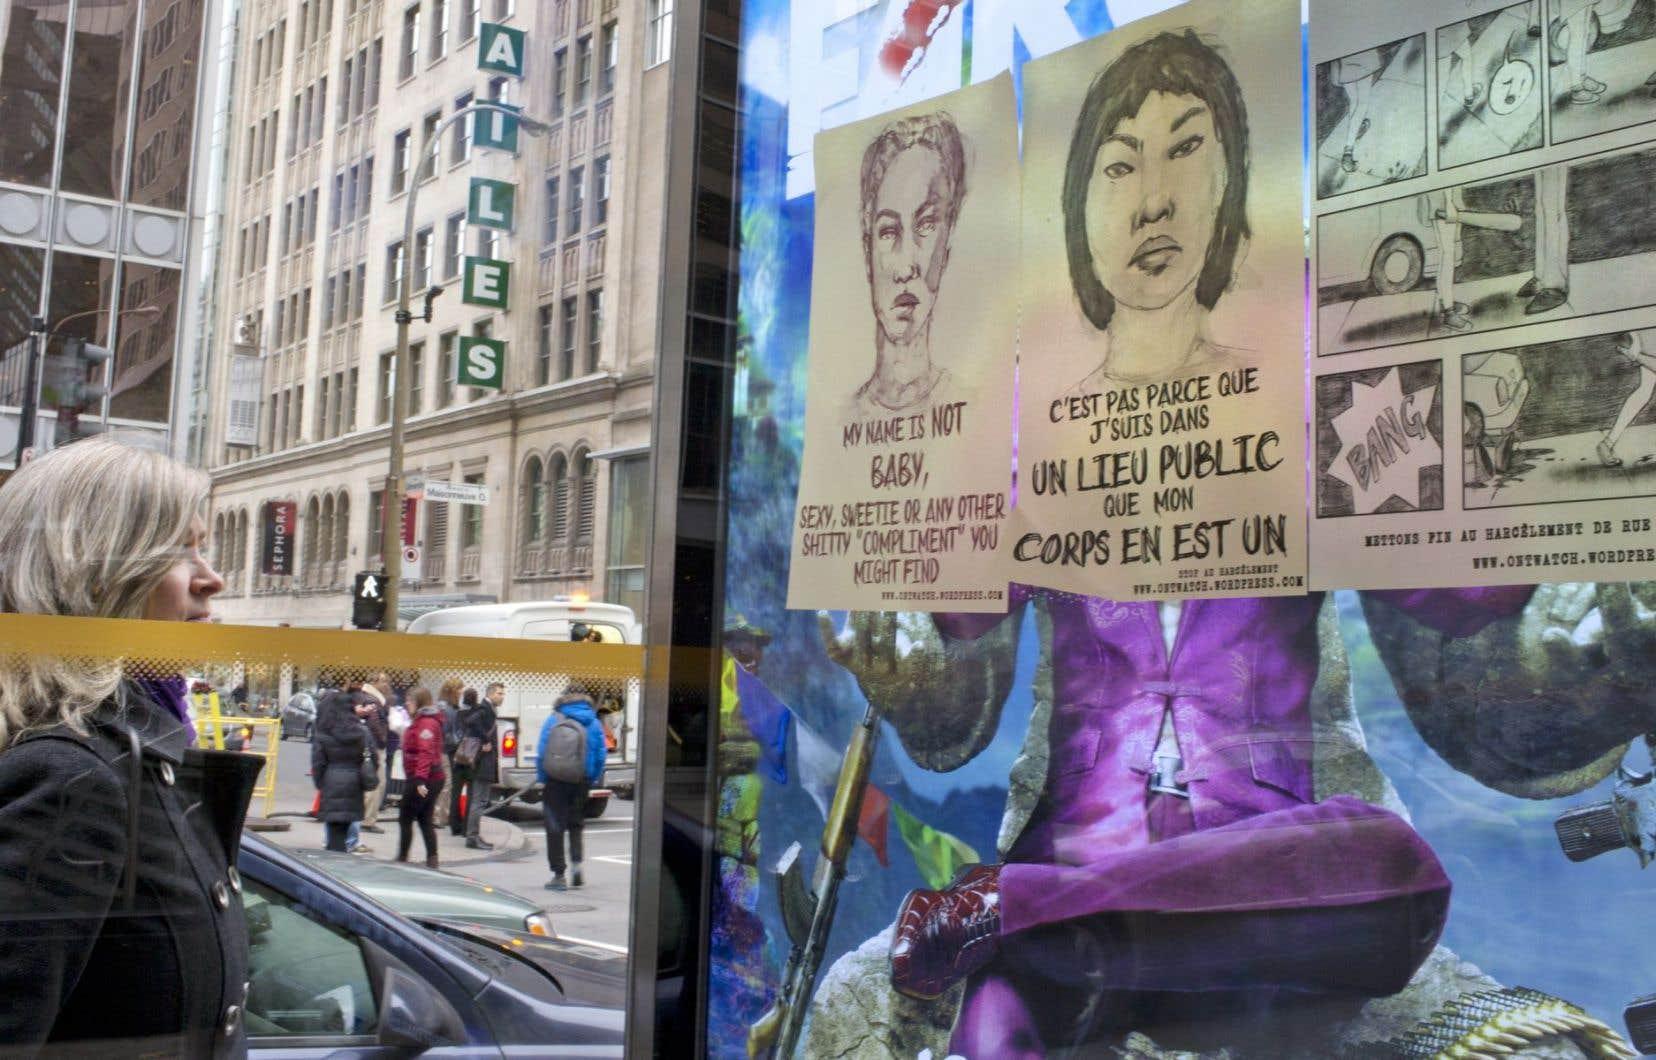 Une campagne d'affichage aux slogans provocateurs a cours à Montréal.